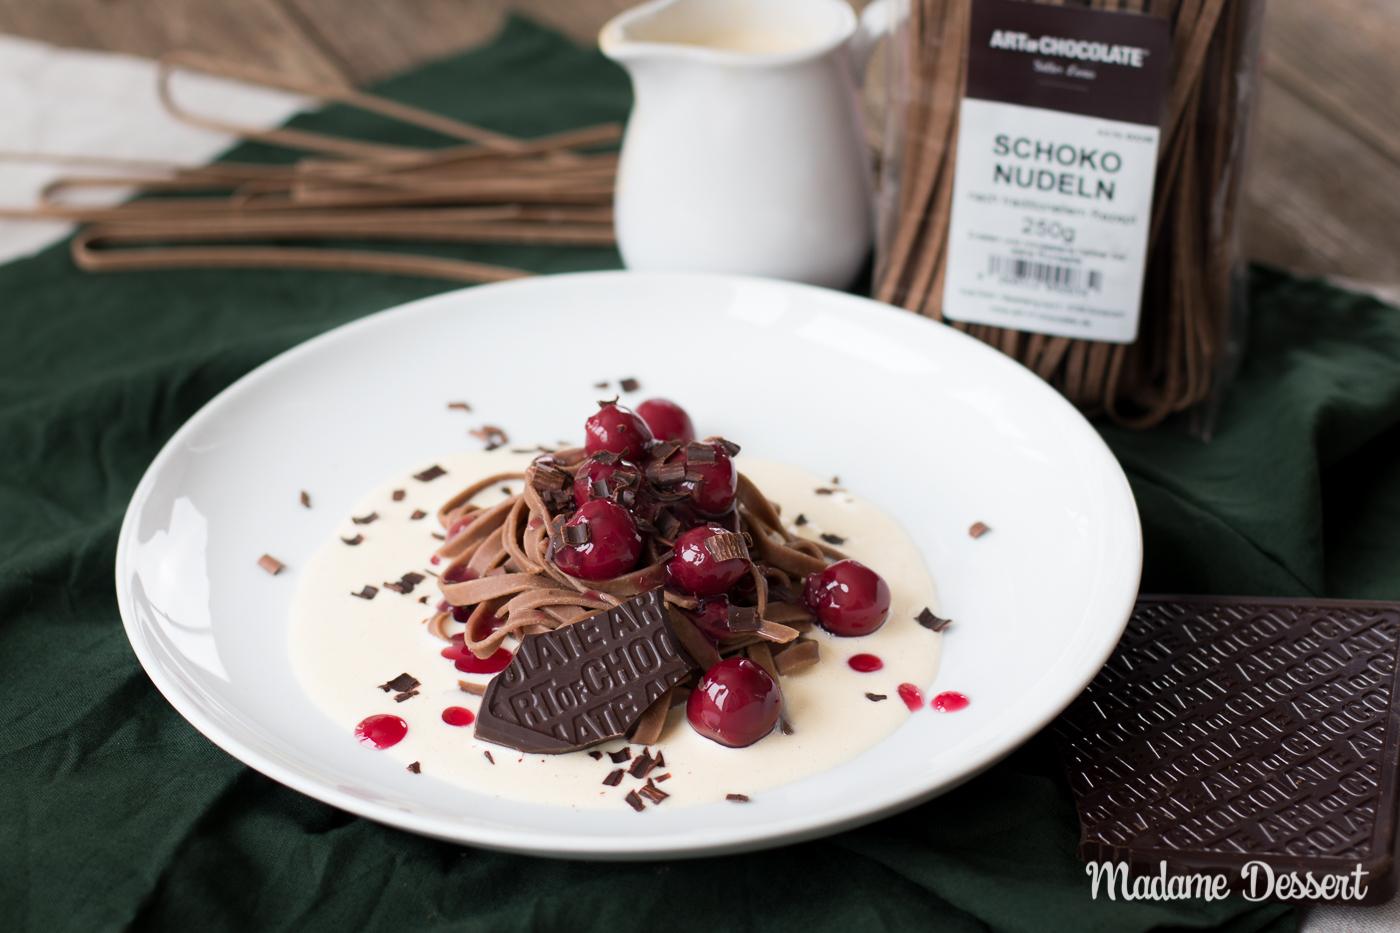 Schokonudeln mit Vanillesauce & heißen Kirschen   Madame Dessert